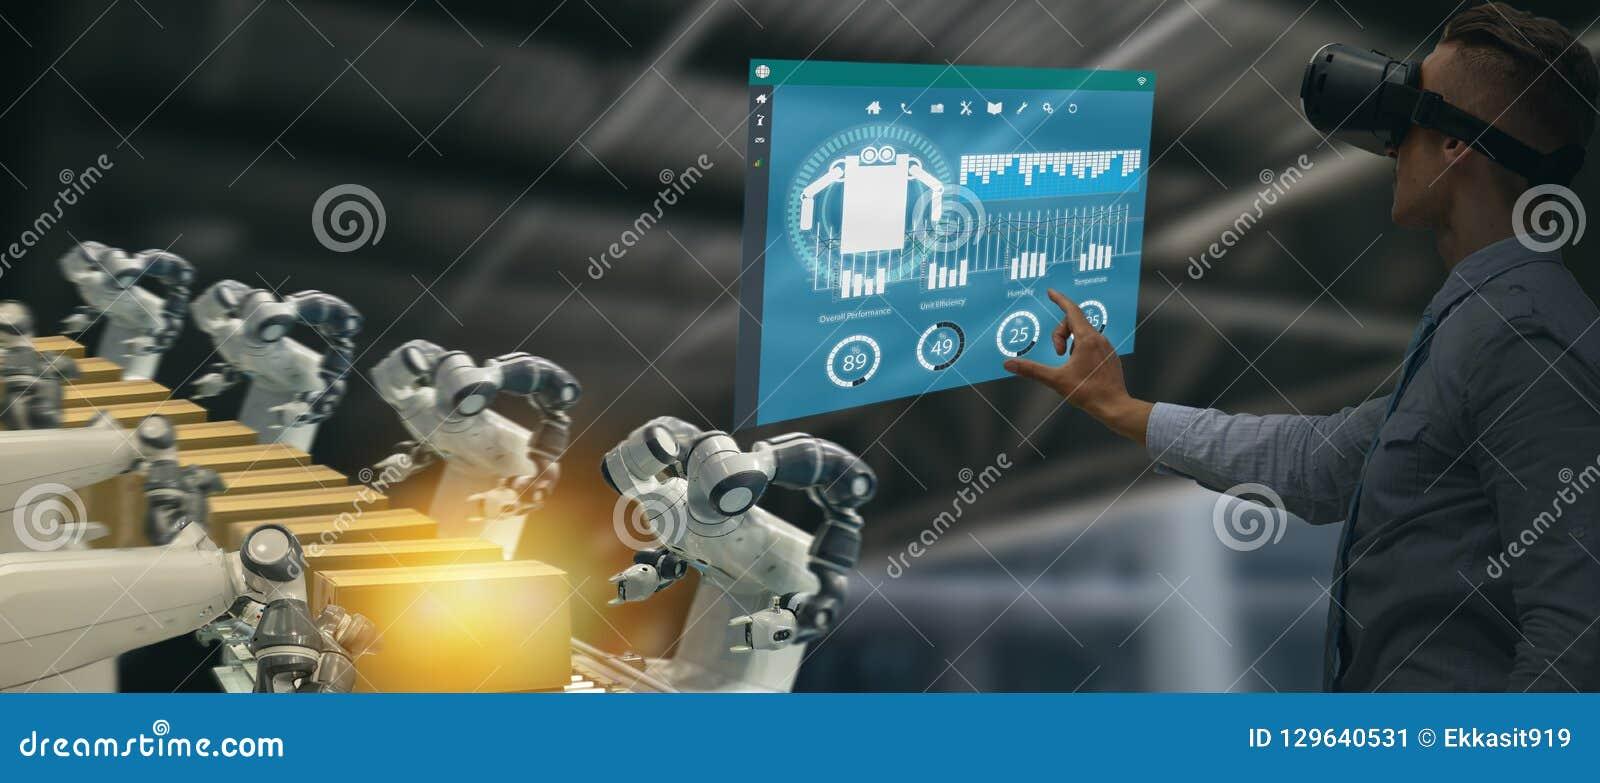 Industria 4 de Iot 0 conceptos, ingeniero industrial usando los vidrios elegantes con aumentado mezclado con tecnología de la rea